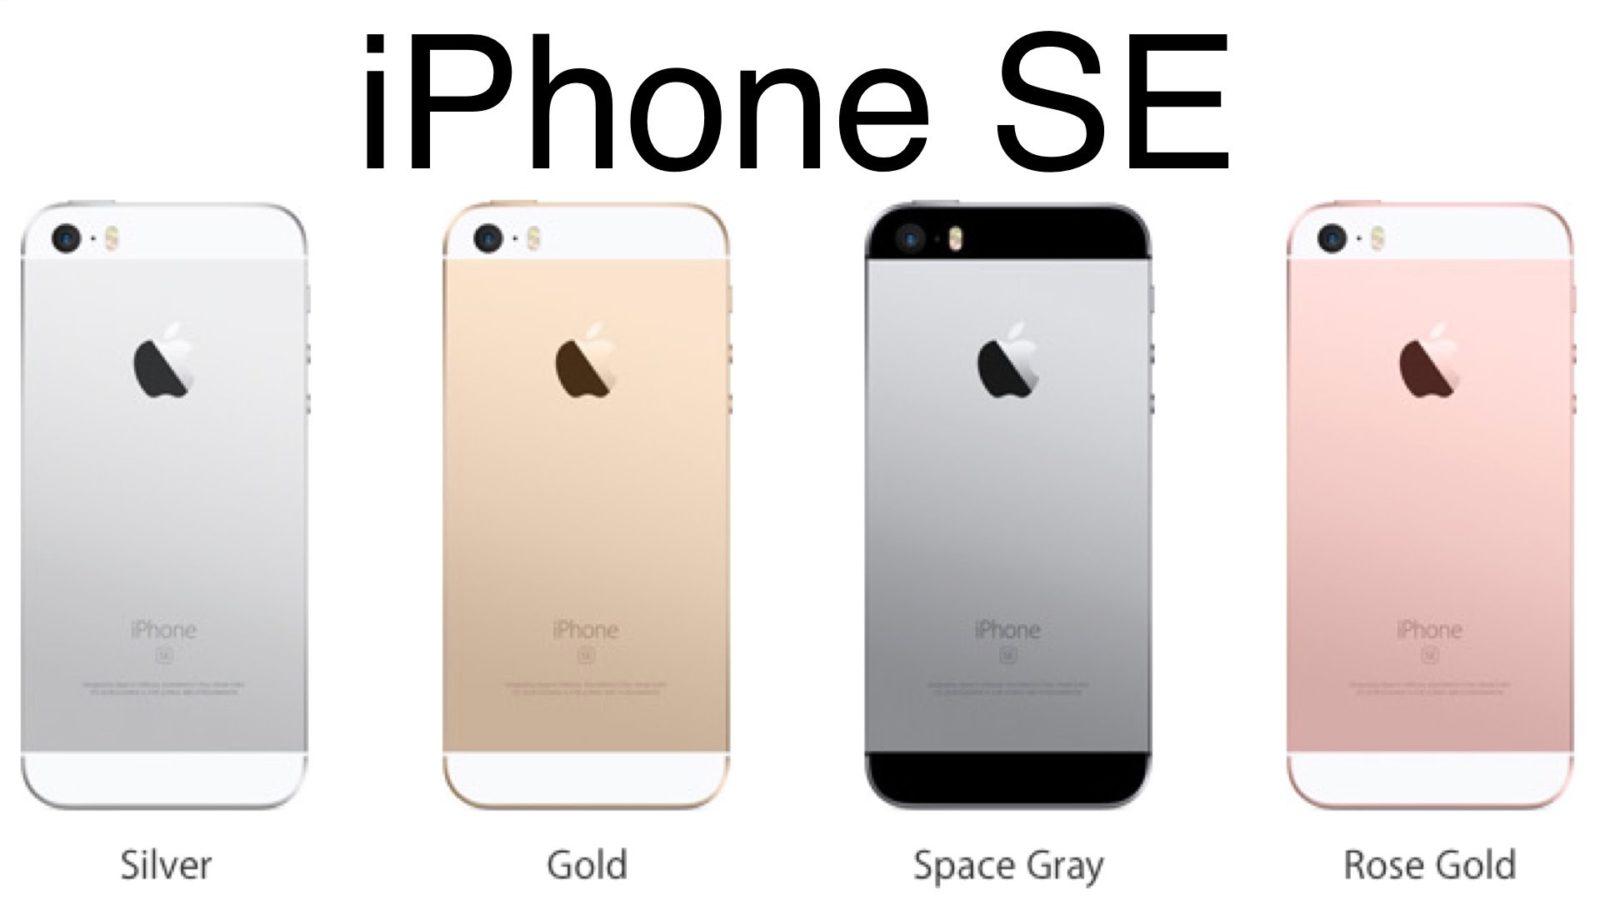 Разный дизайн iPhone SE